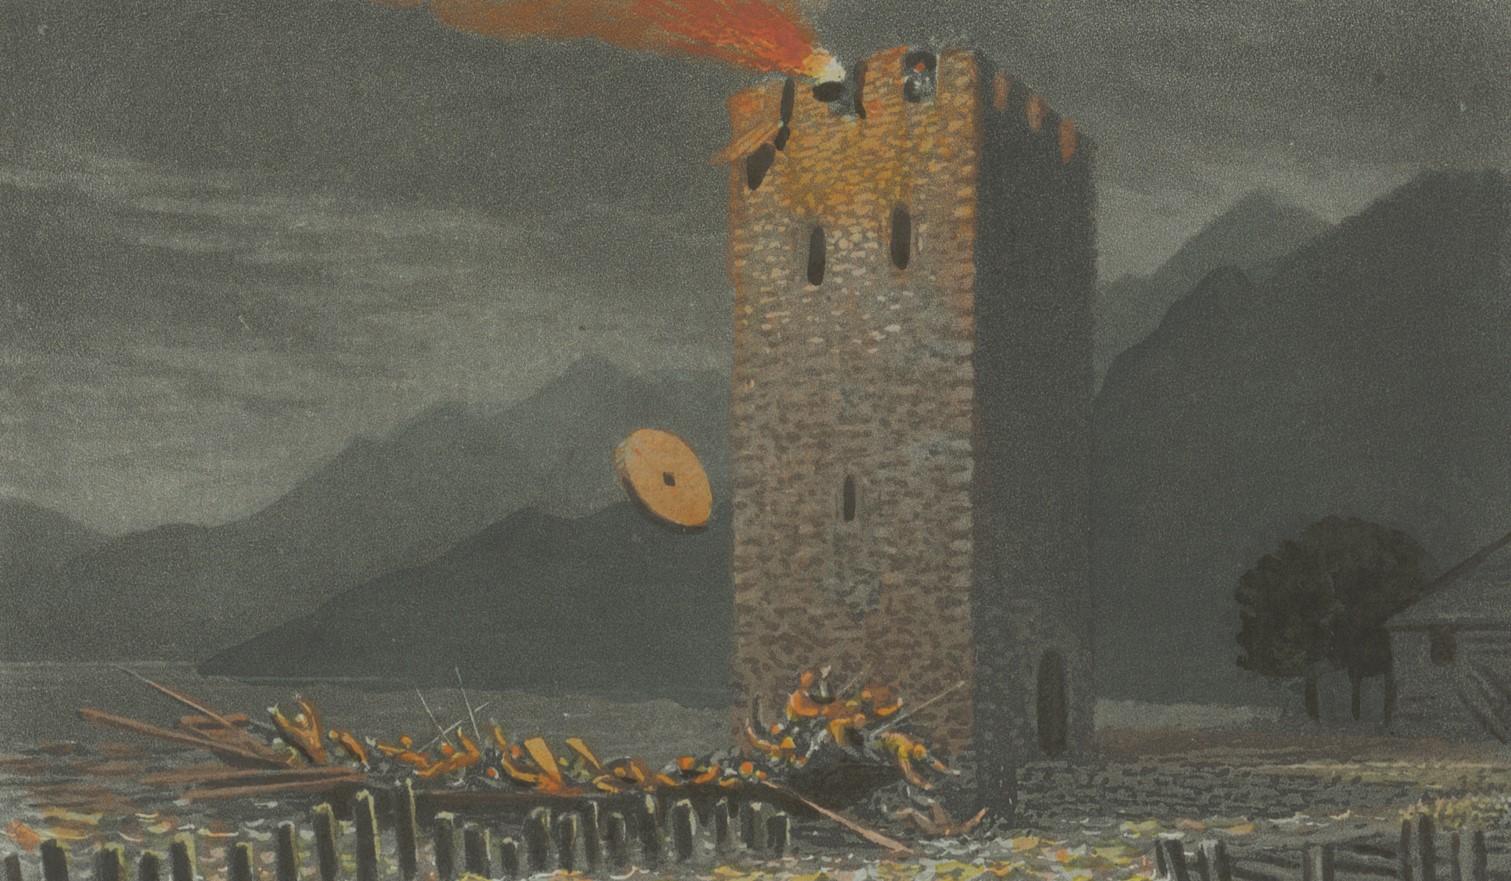 Druckgrafik der Verteidigung des Wachturms von Stansstad.